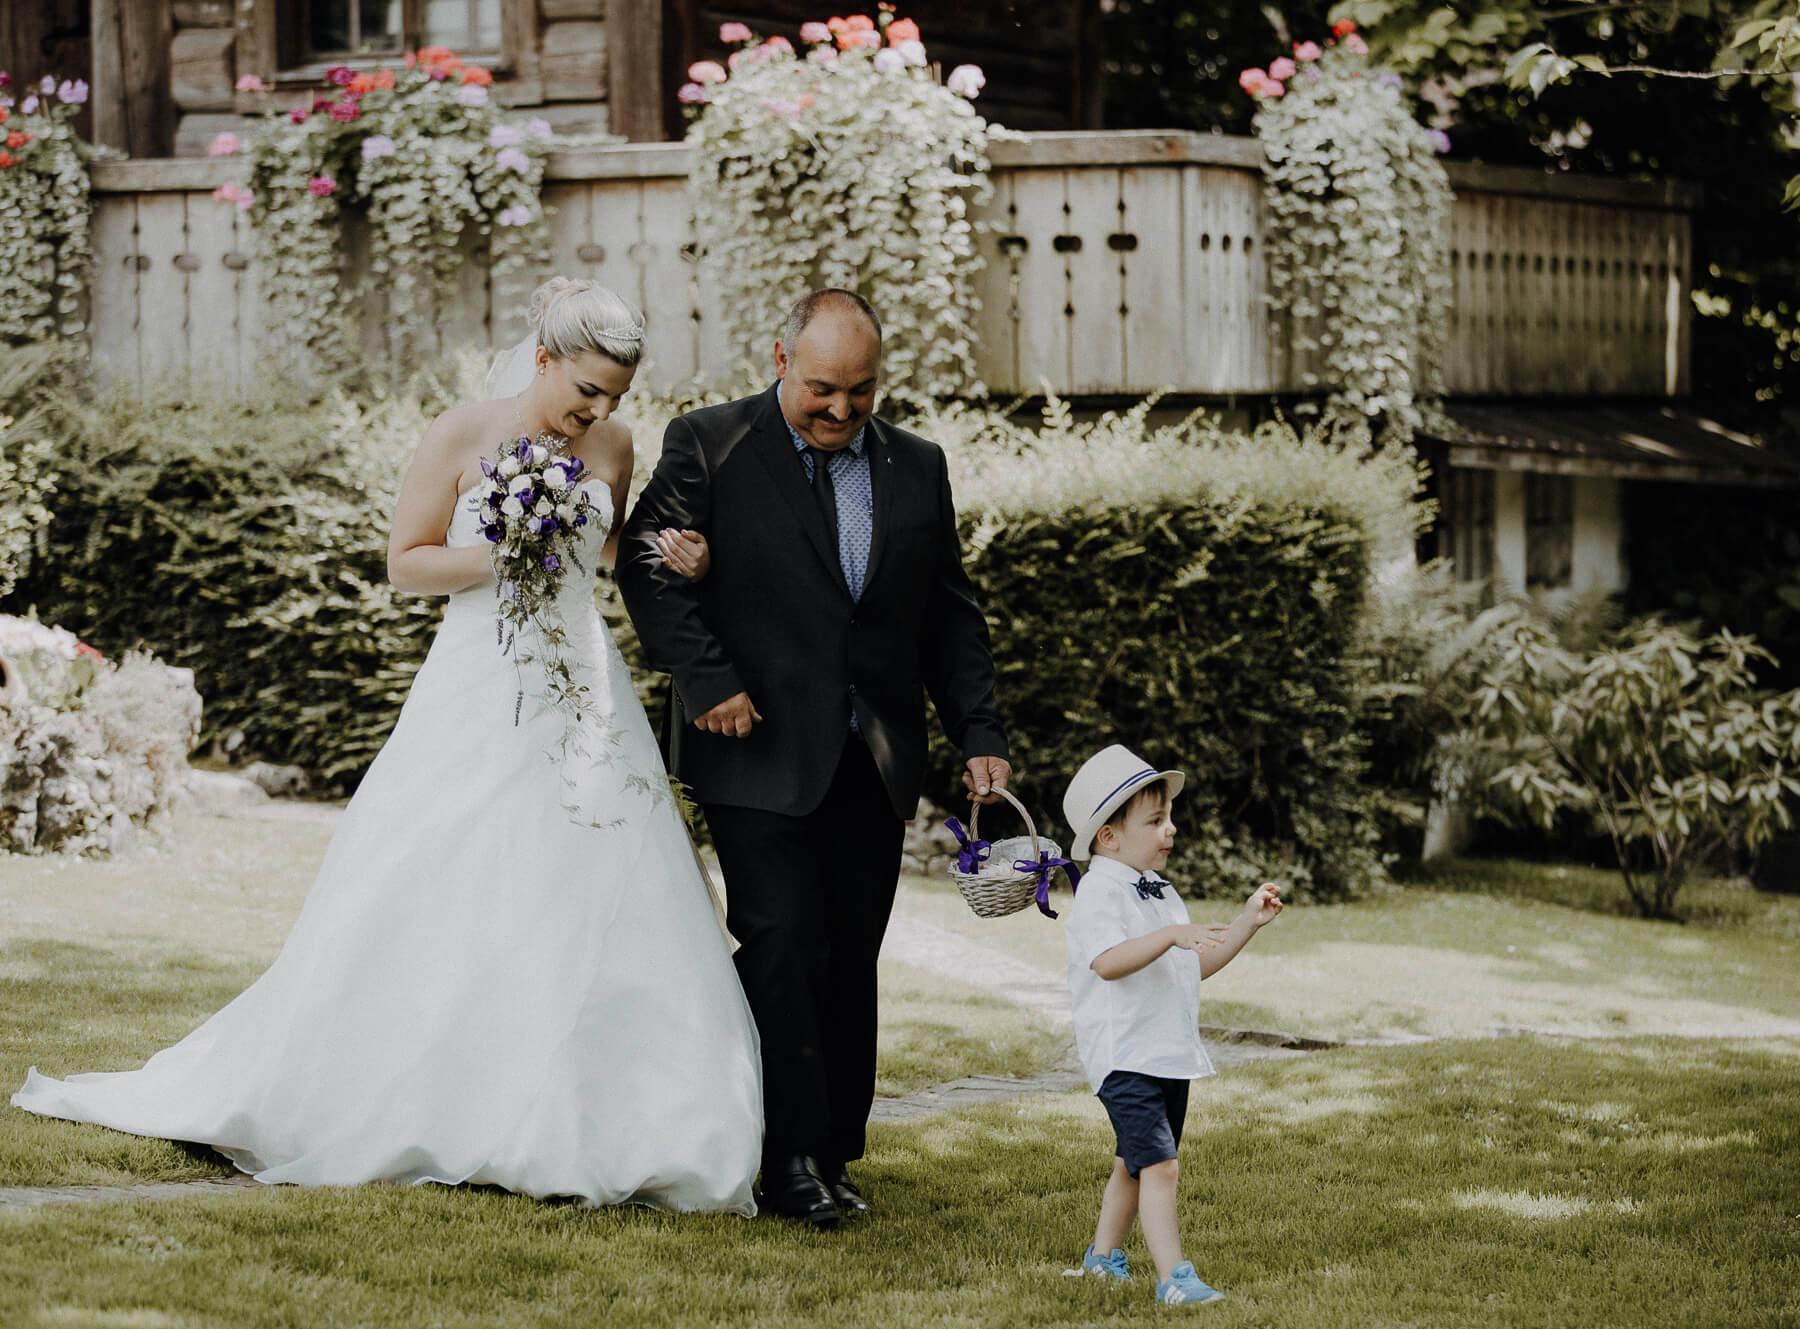 Einzigartige Hochzeitsfotos Braut Brautvater Patrick Schorer Fotografie